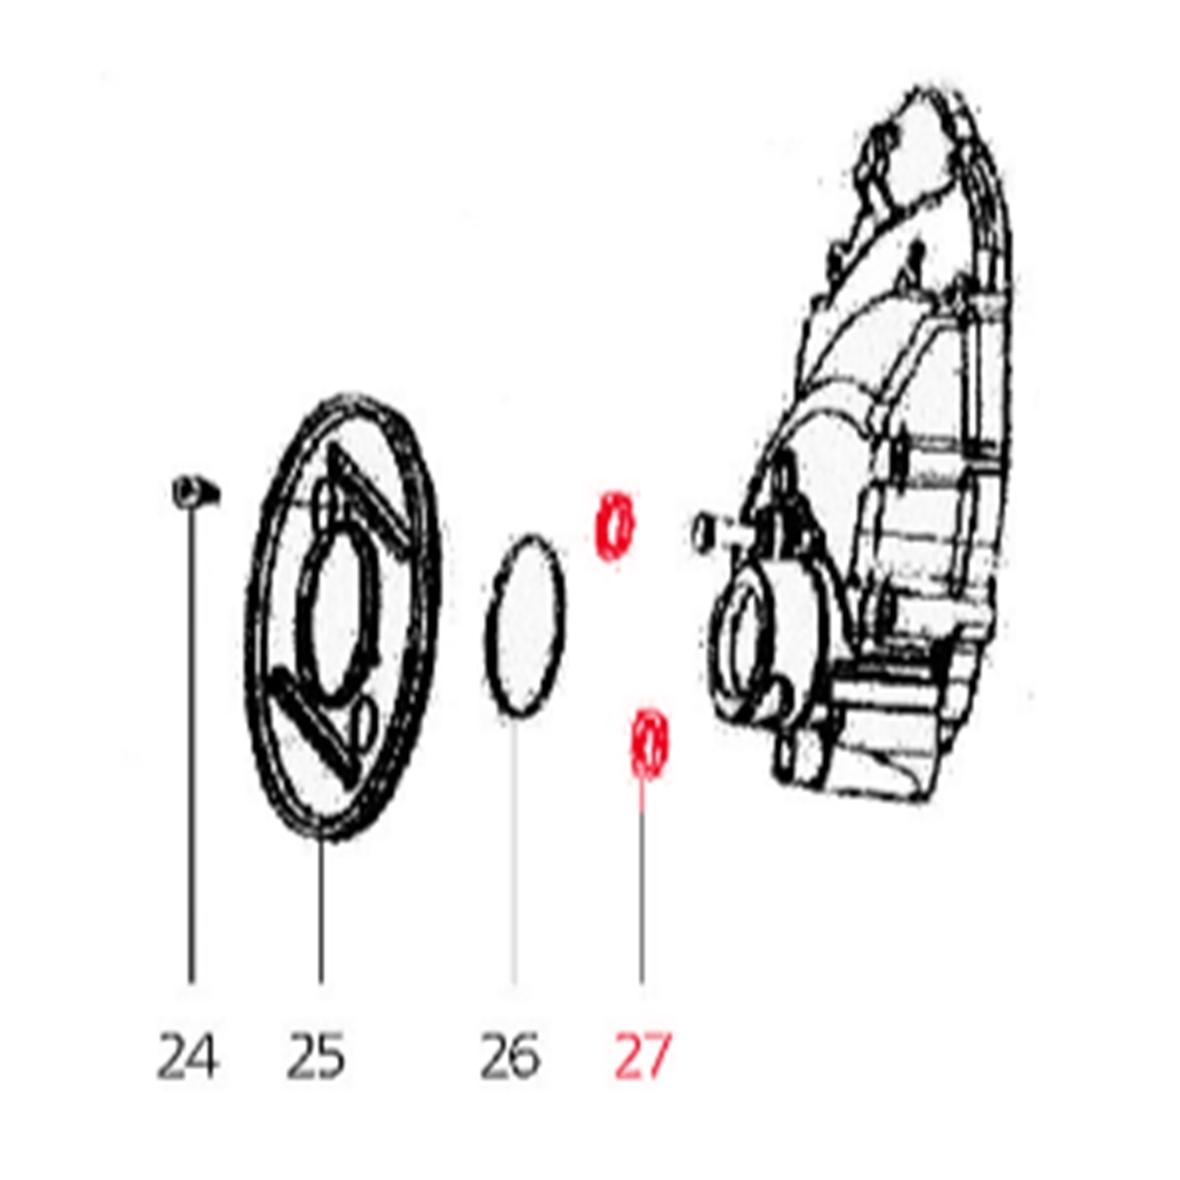 Εικόνα προϊόντος για 'Λαστιχάκι (ο-ρινγκ) Έλασμα προστασίας από σκόνη, πίσω τροχός (μικρός) Ø i 22mm, Ø a 28 mm (πάχος) 3mm, LMLTitle'